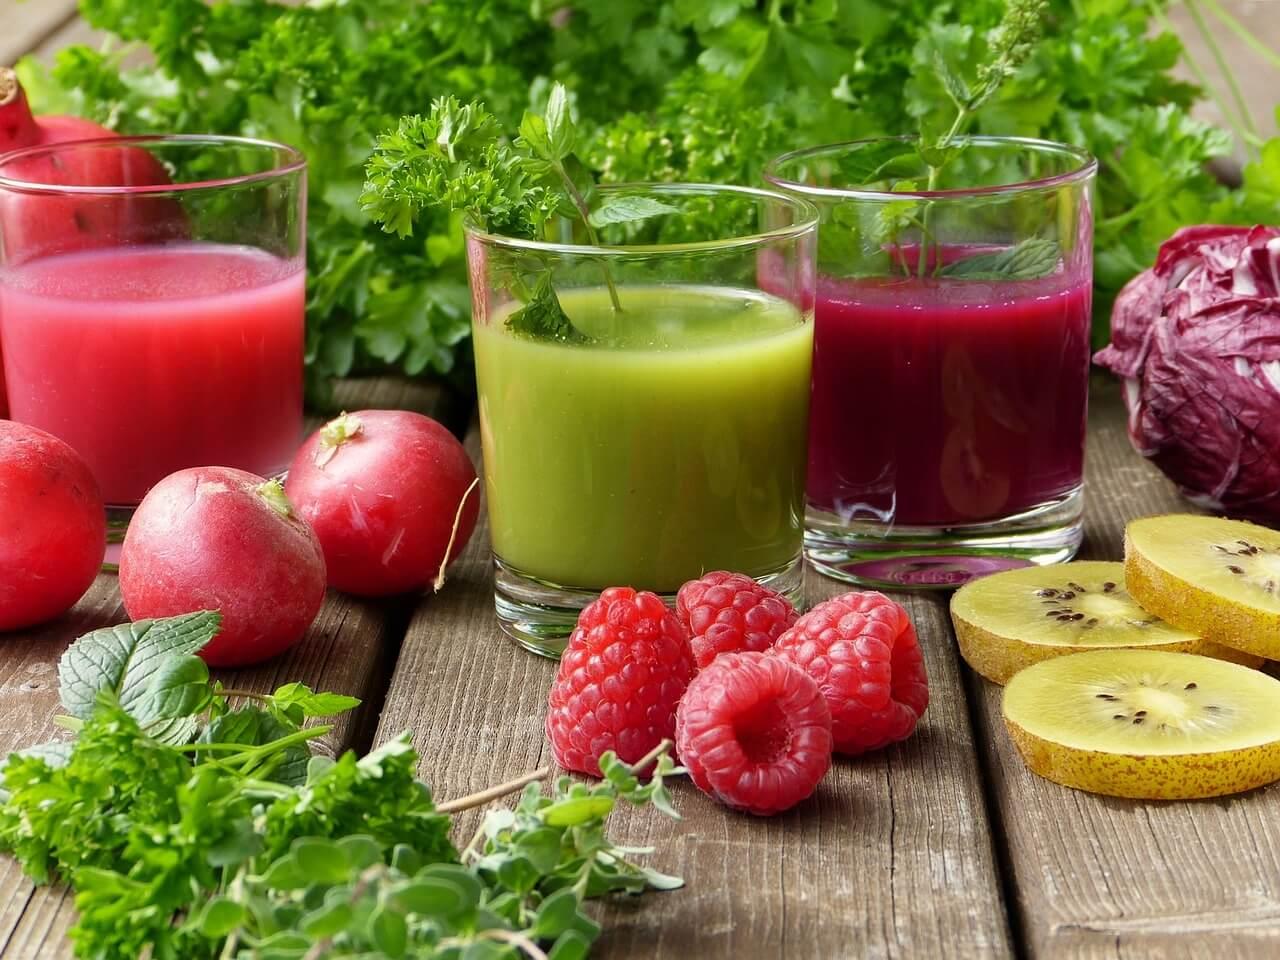 pelnowartosciowe soki owocowo warzywne